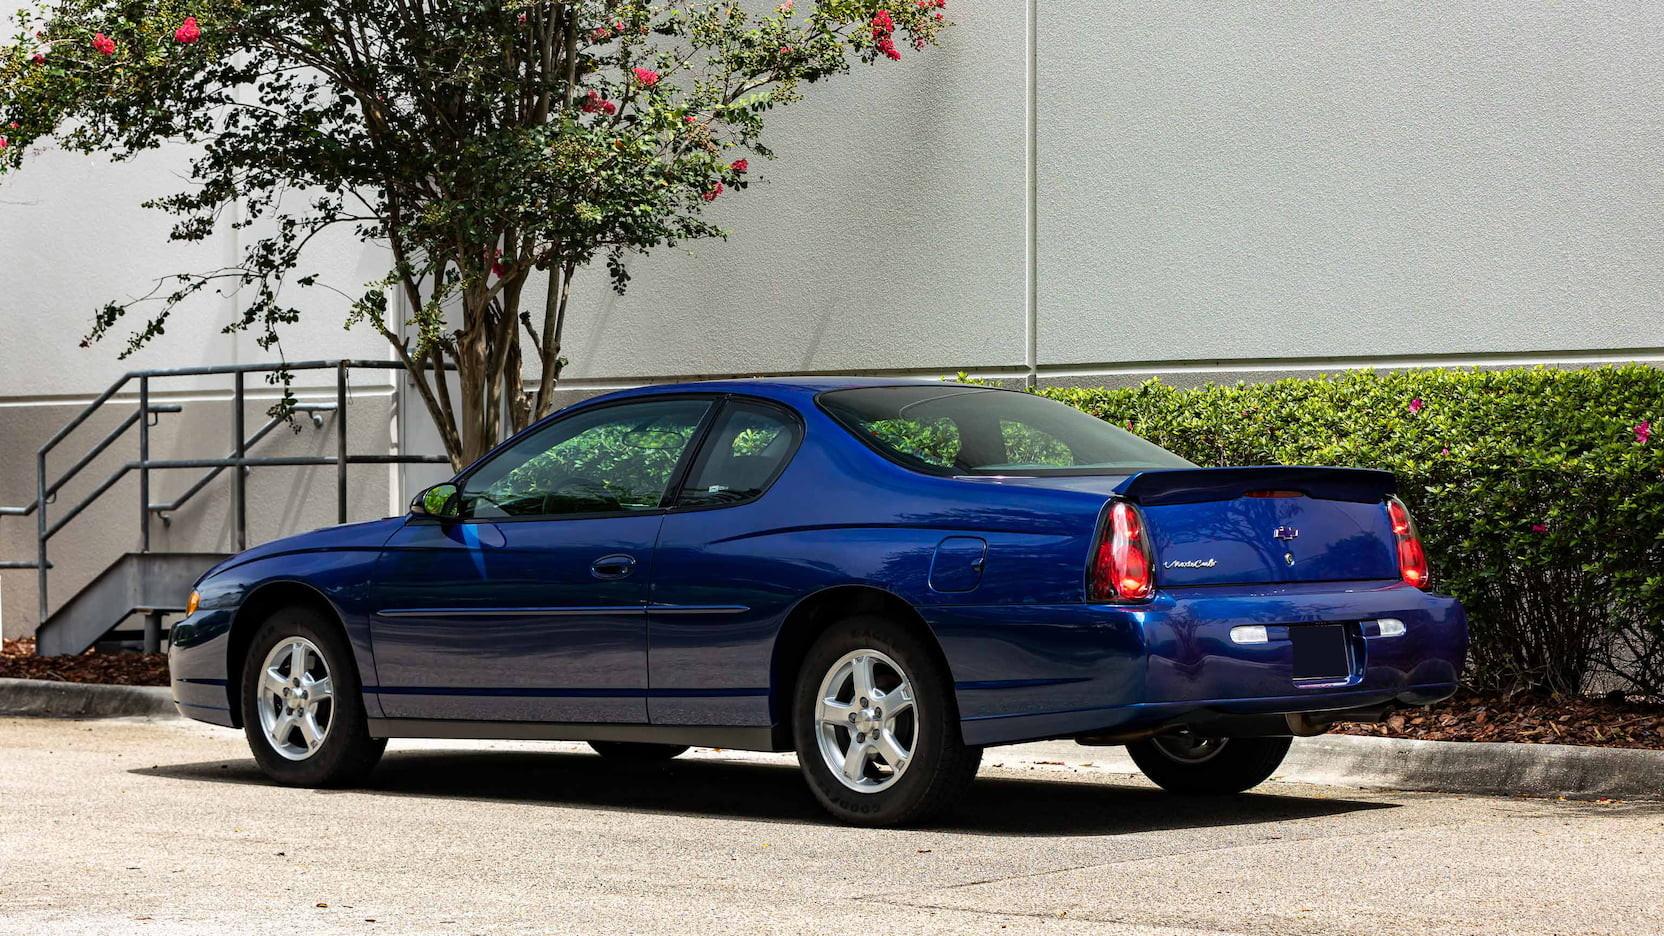 Chevrolet Monte Carlo de vanzare - Chevrolet Monte Carlo de vanzare